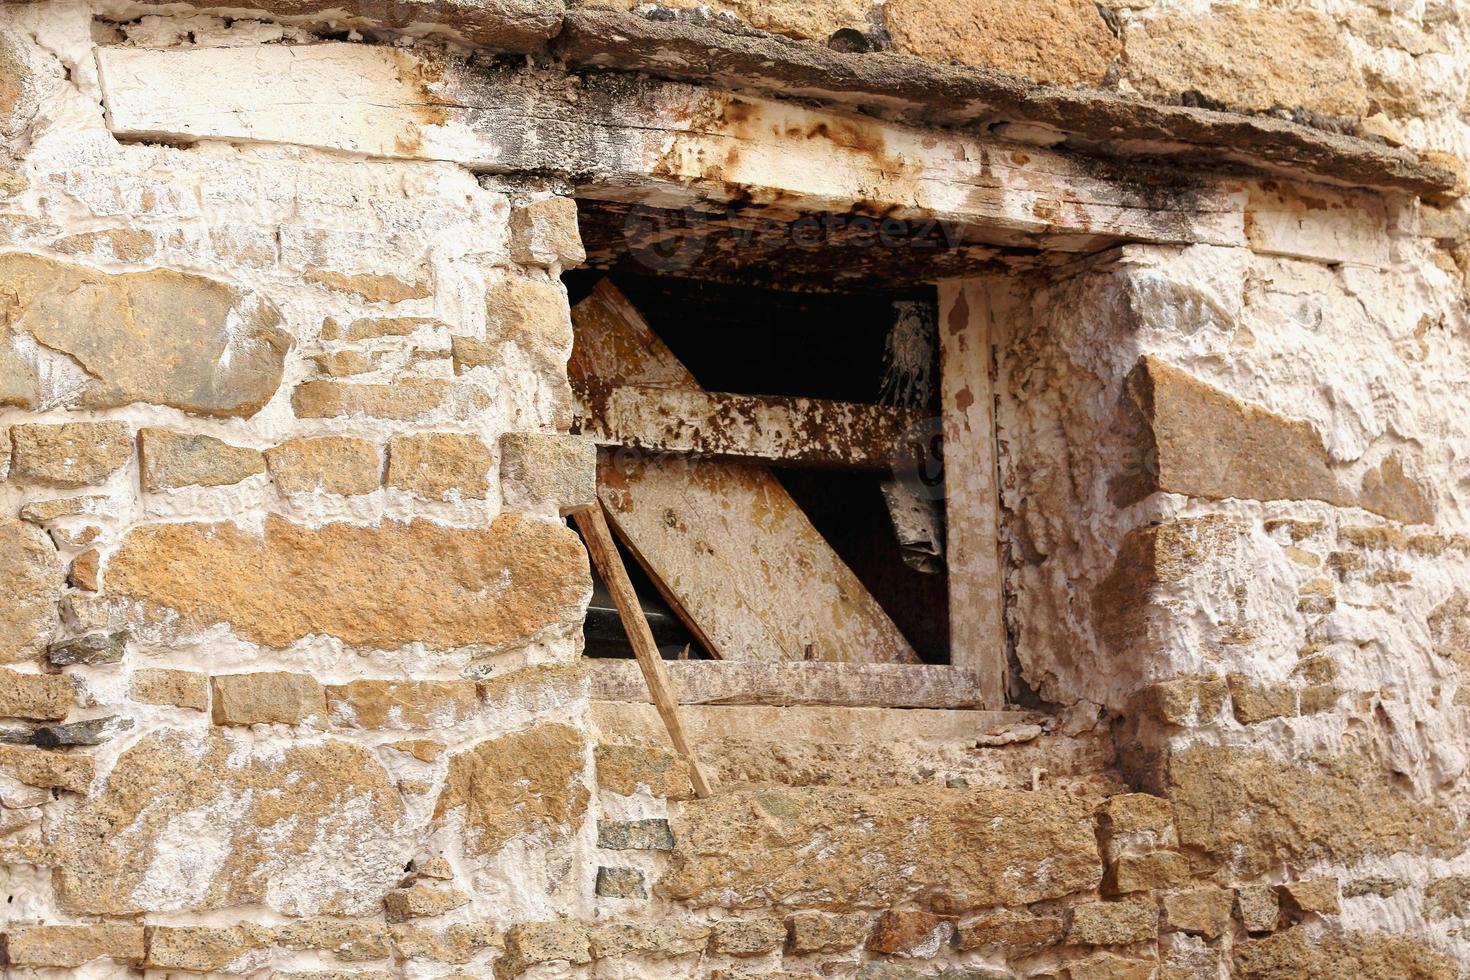 houten frame van verwoeste raamstenen muur. drepung klooster-lhasa-china. 1249 foto